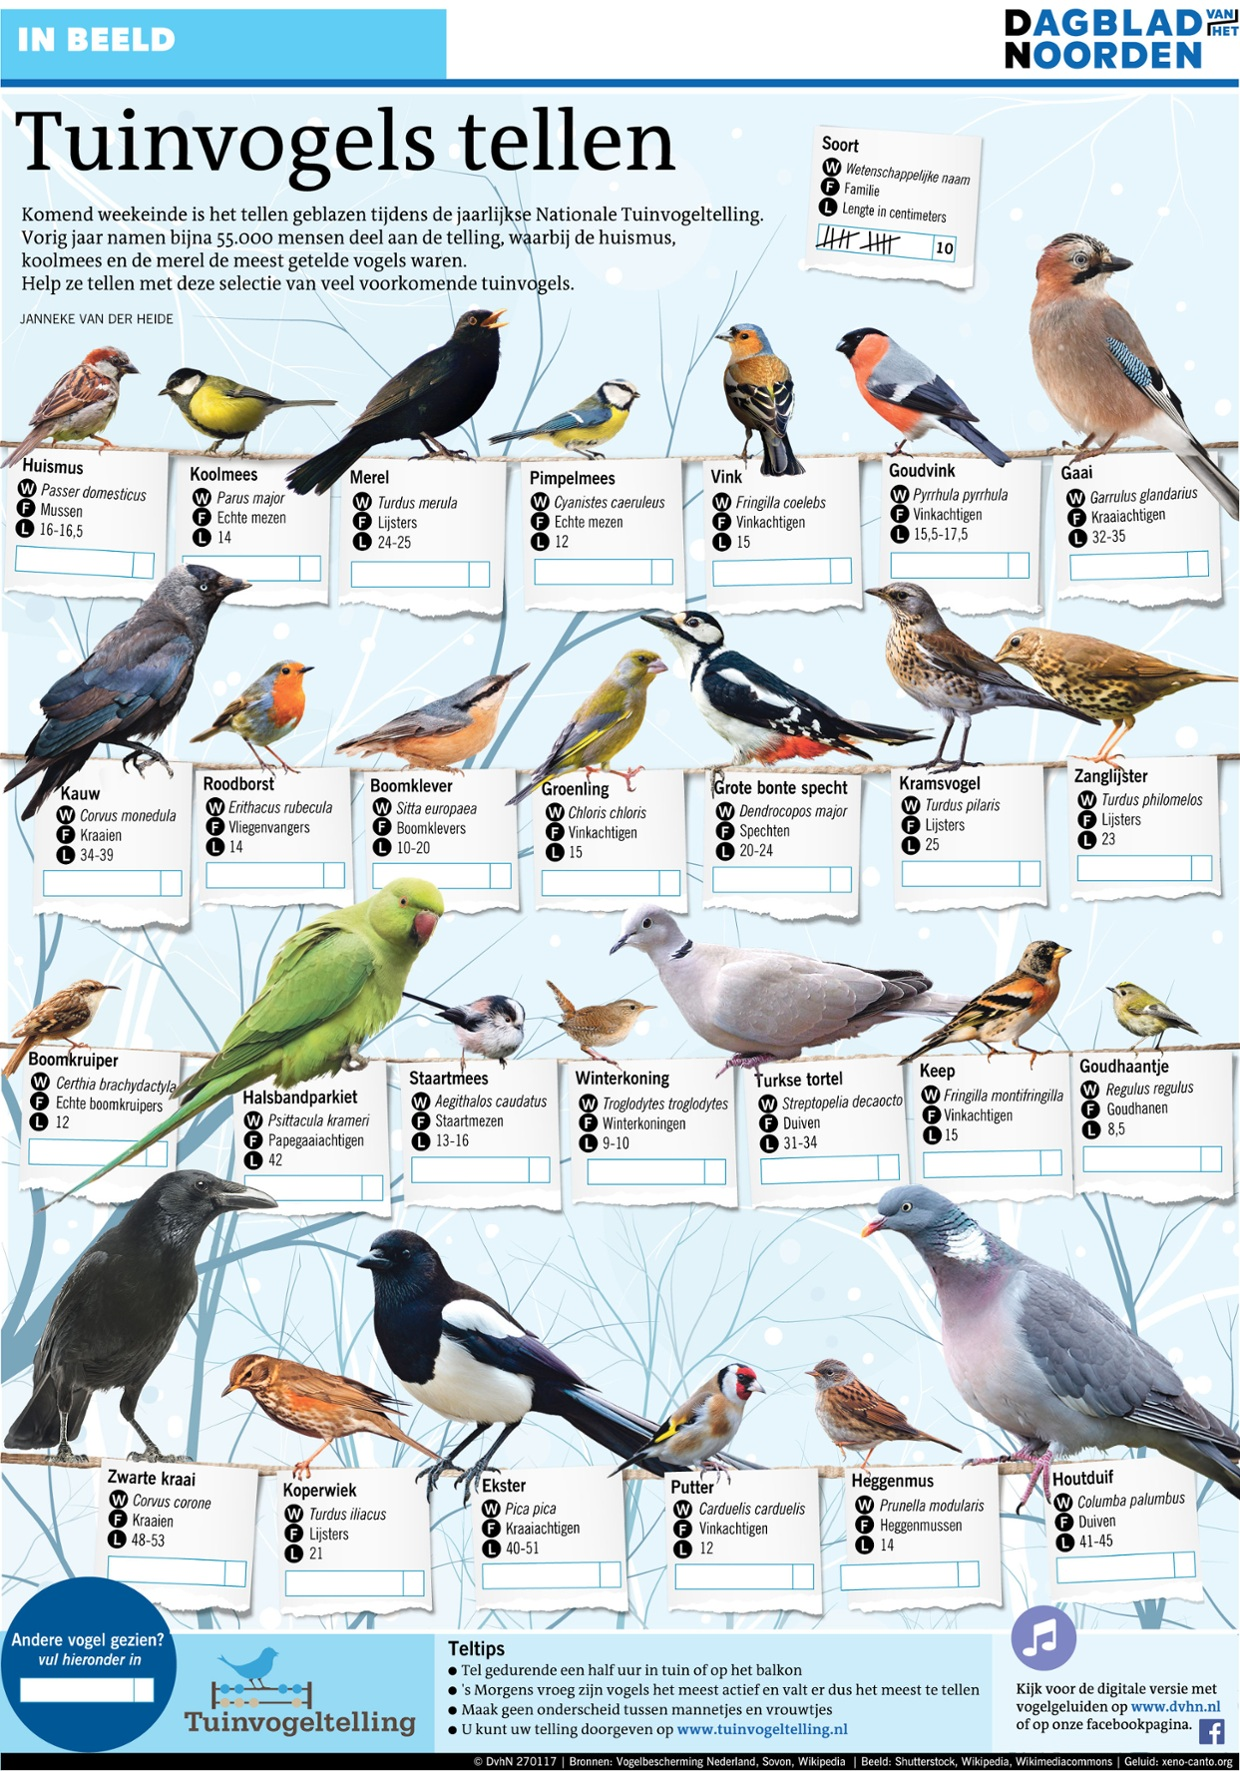 Tuinvogels tellen